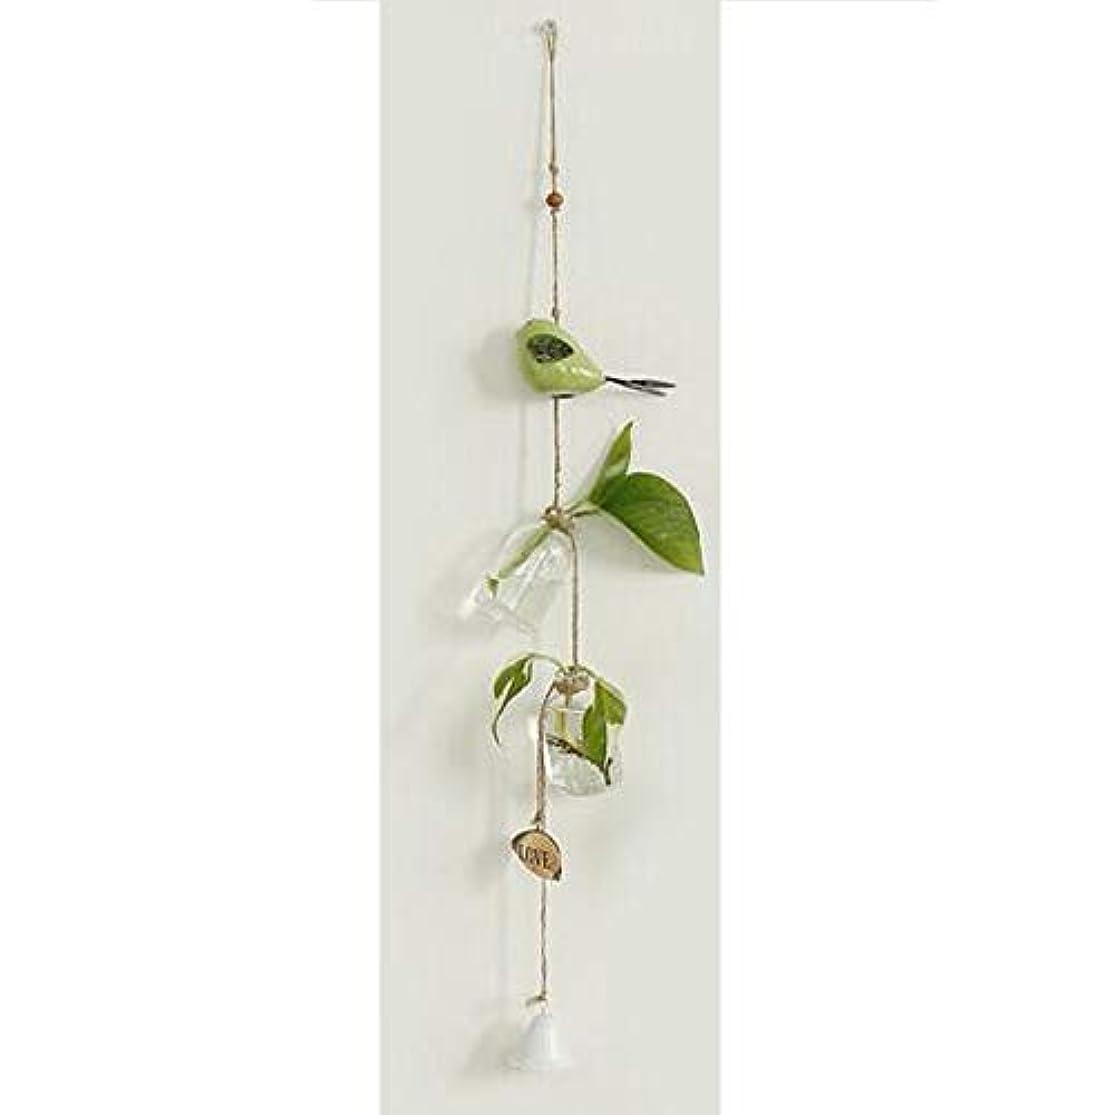 法律によりうまれた被るChengjinxiang 風チャイム、クリエイティブ?グラス風チャイム、白、ロープの長さ63センチメートルボトル(なし植物),クリエイティブギフト (Color : Green)